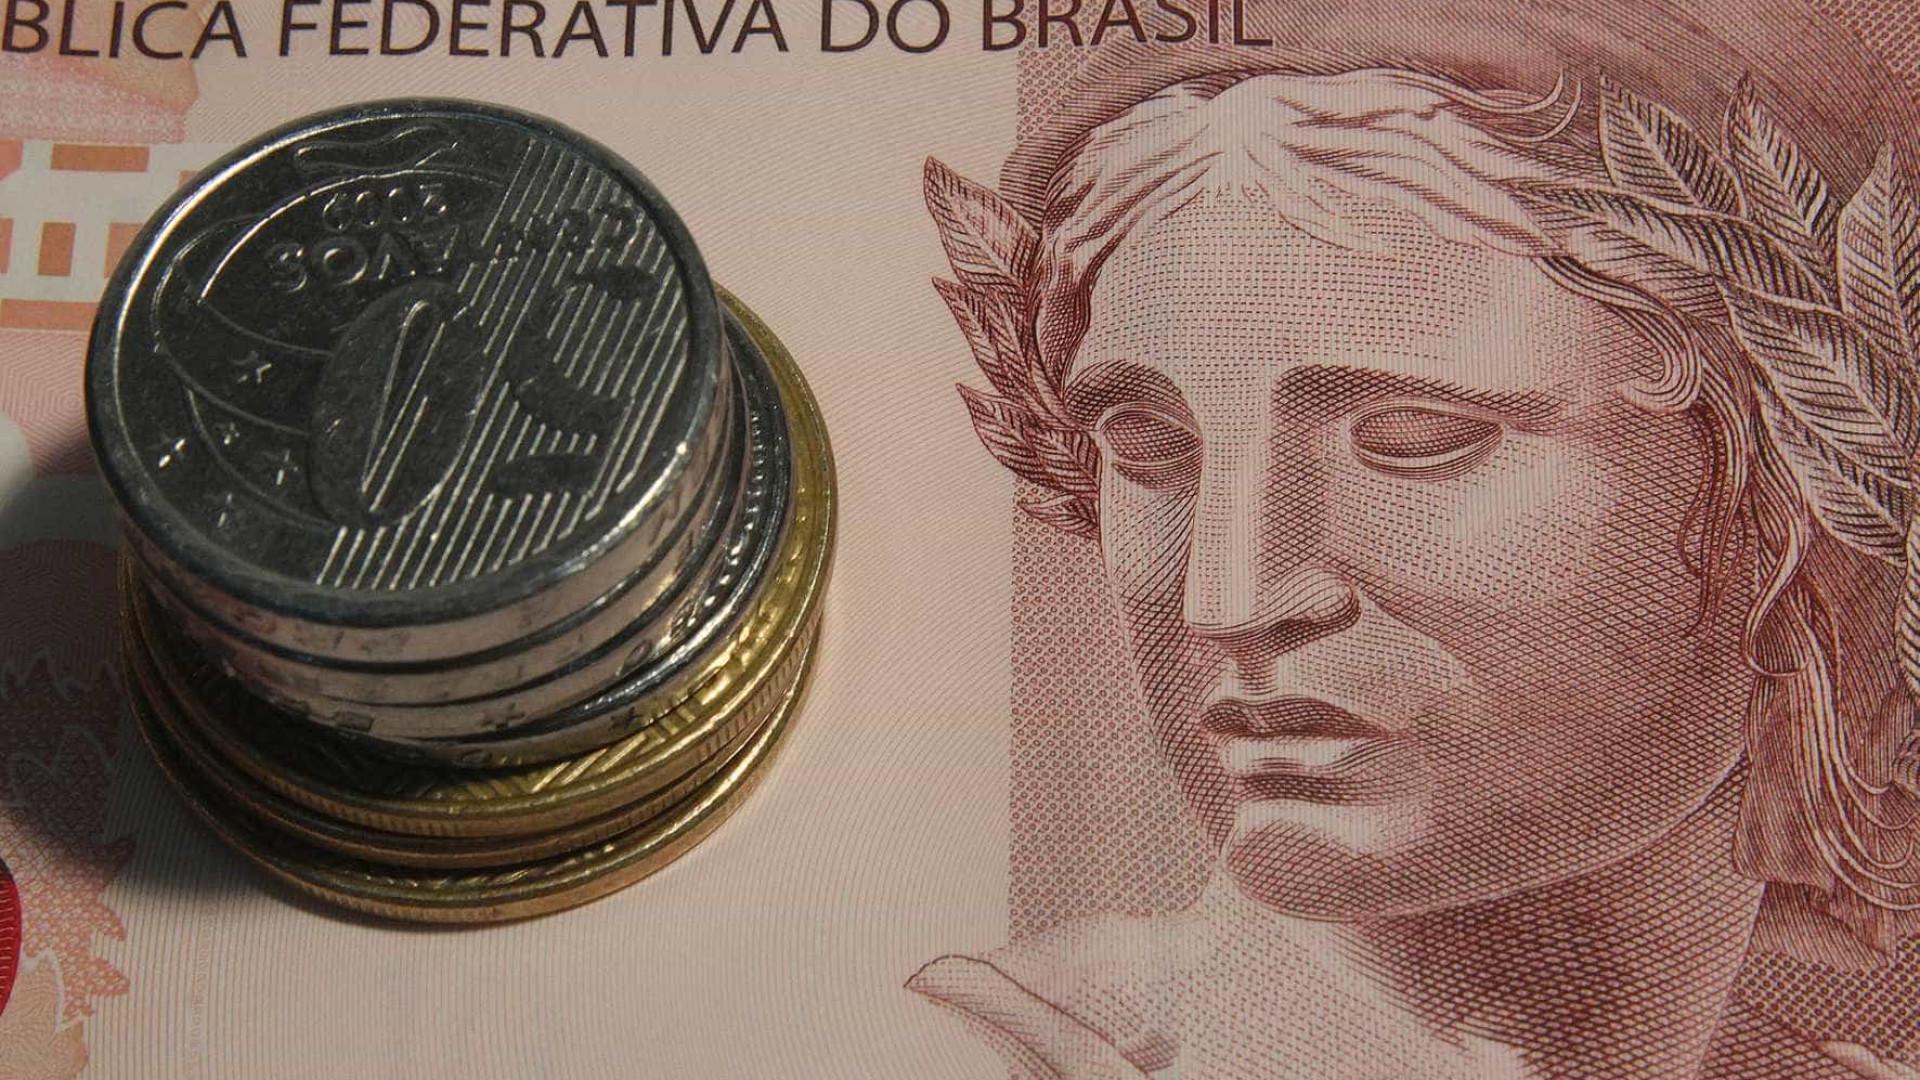 Mais de 3 milhões sacaram R$ 4,8 bi de contas inativas do FGTS